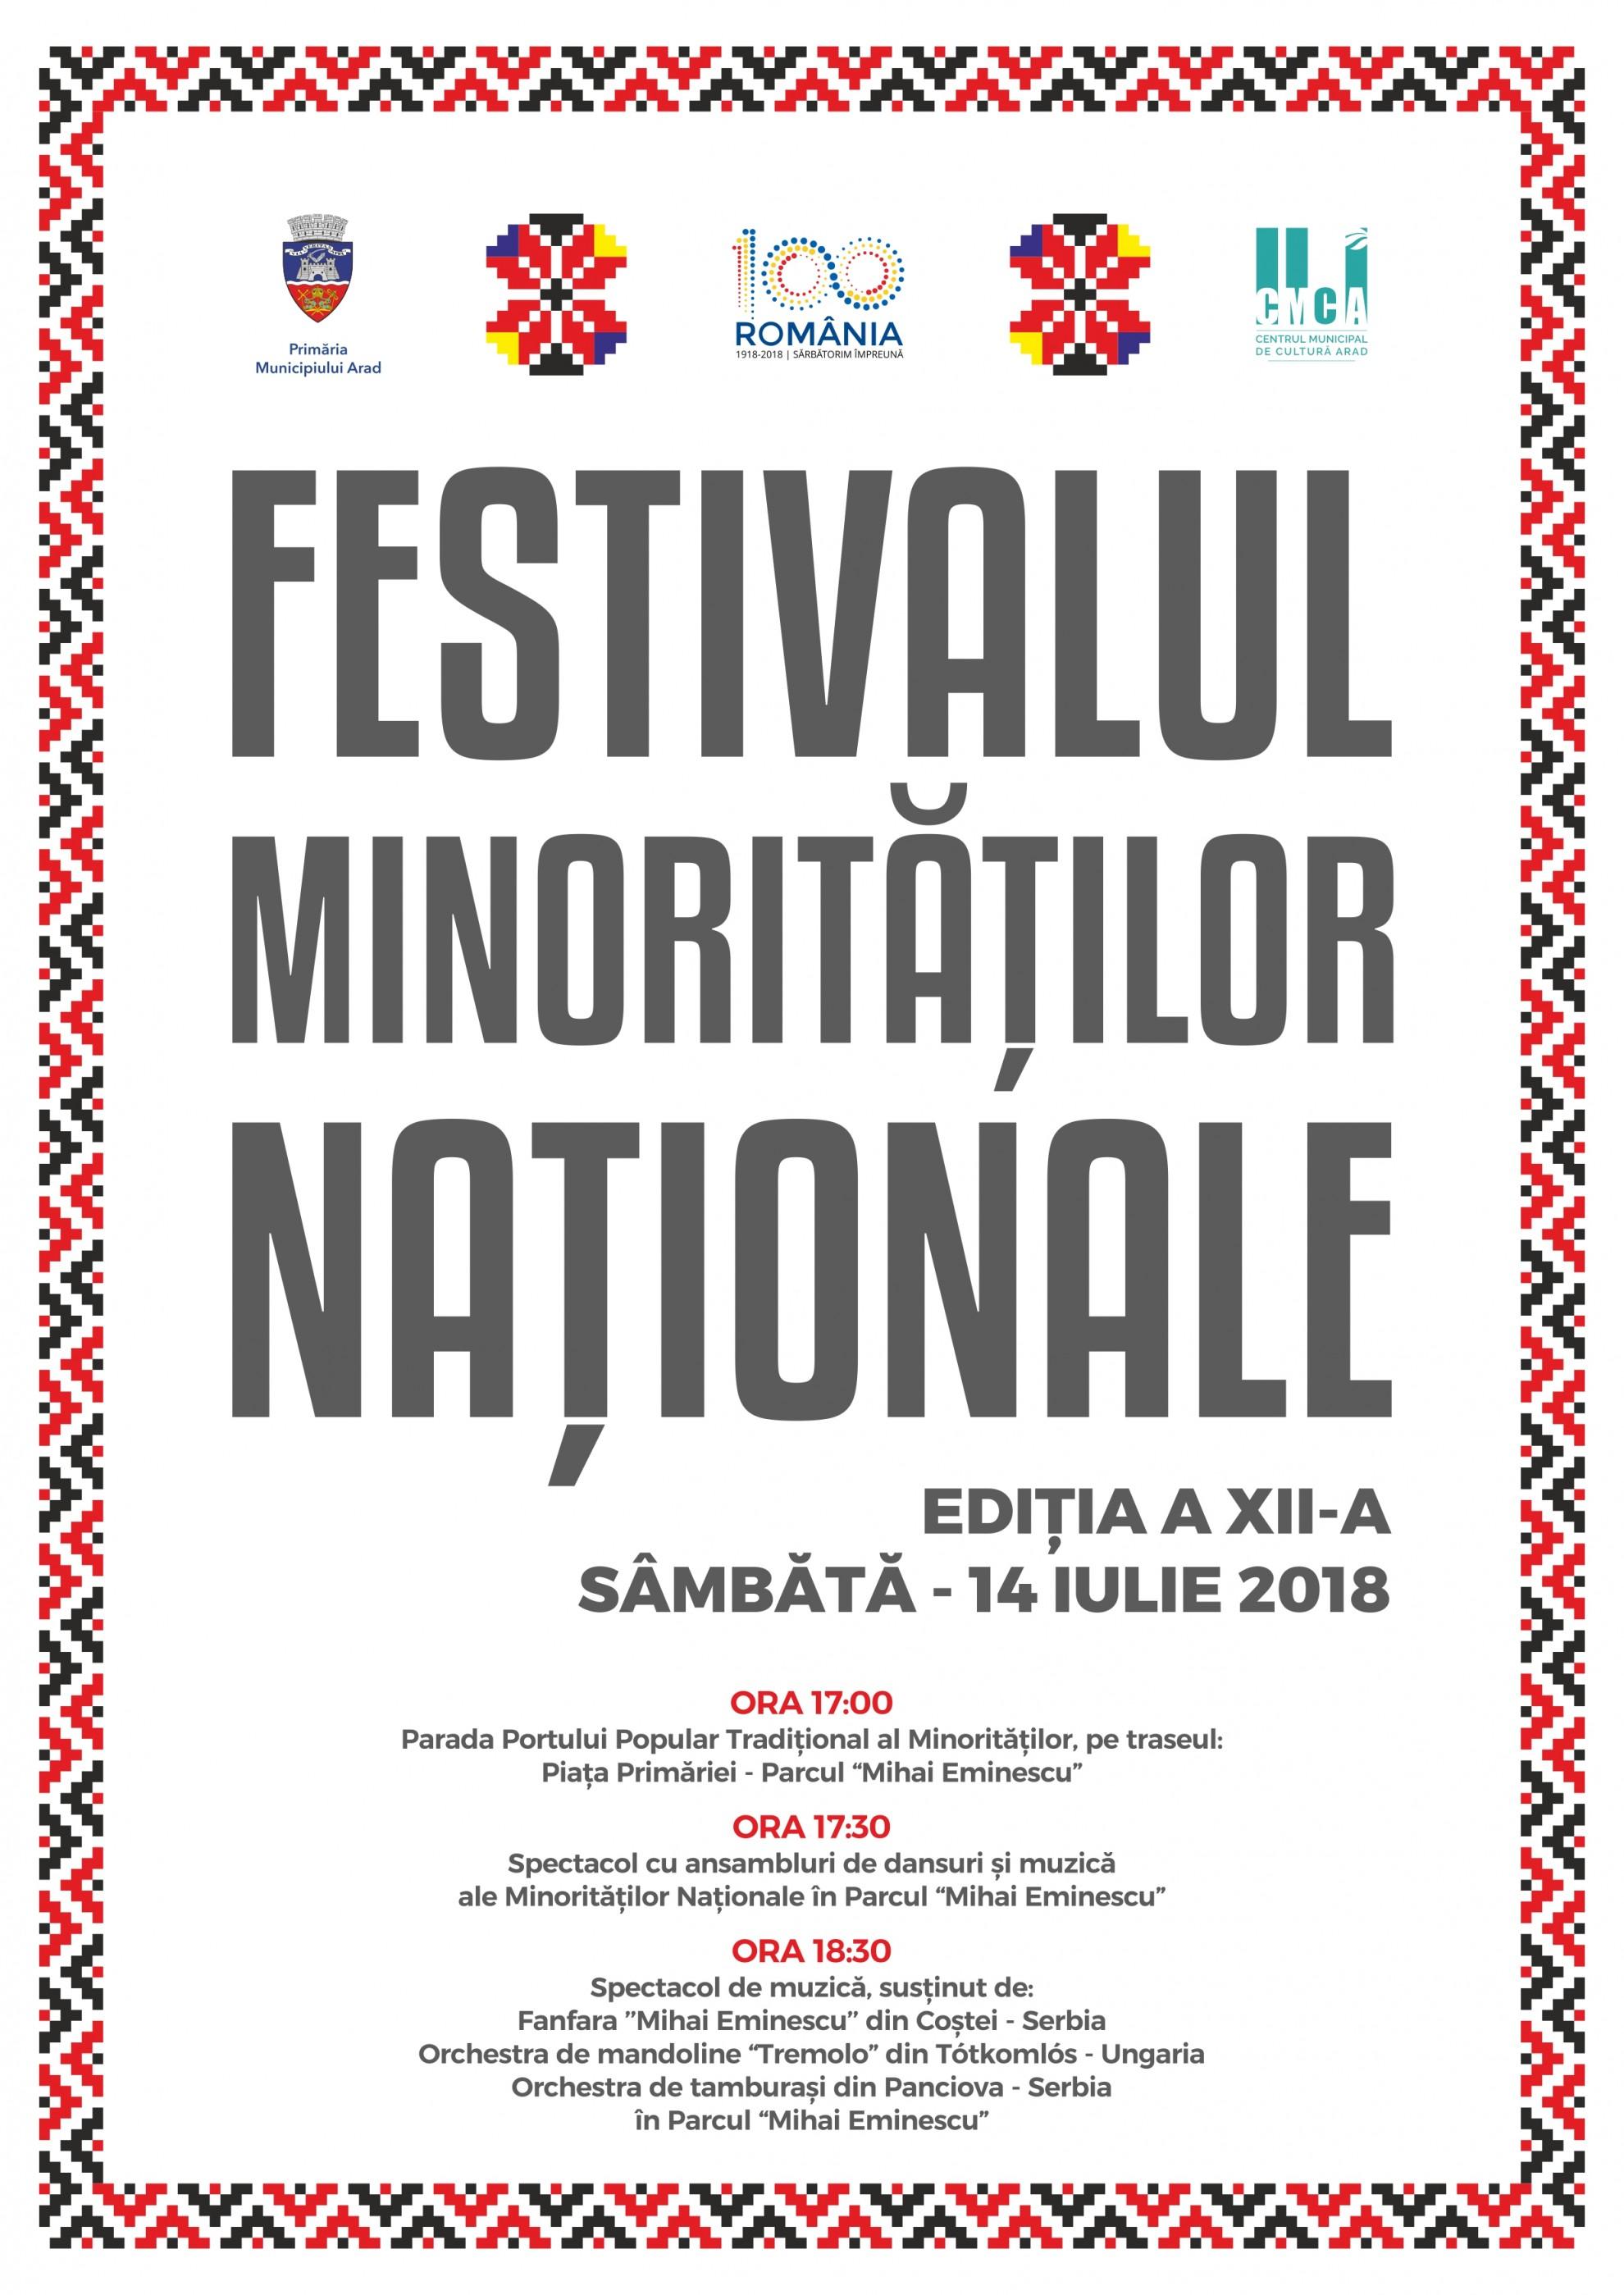 Festivalul Minorităţilor Naţionale la Arad, ediţia a XII-a